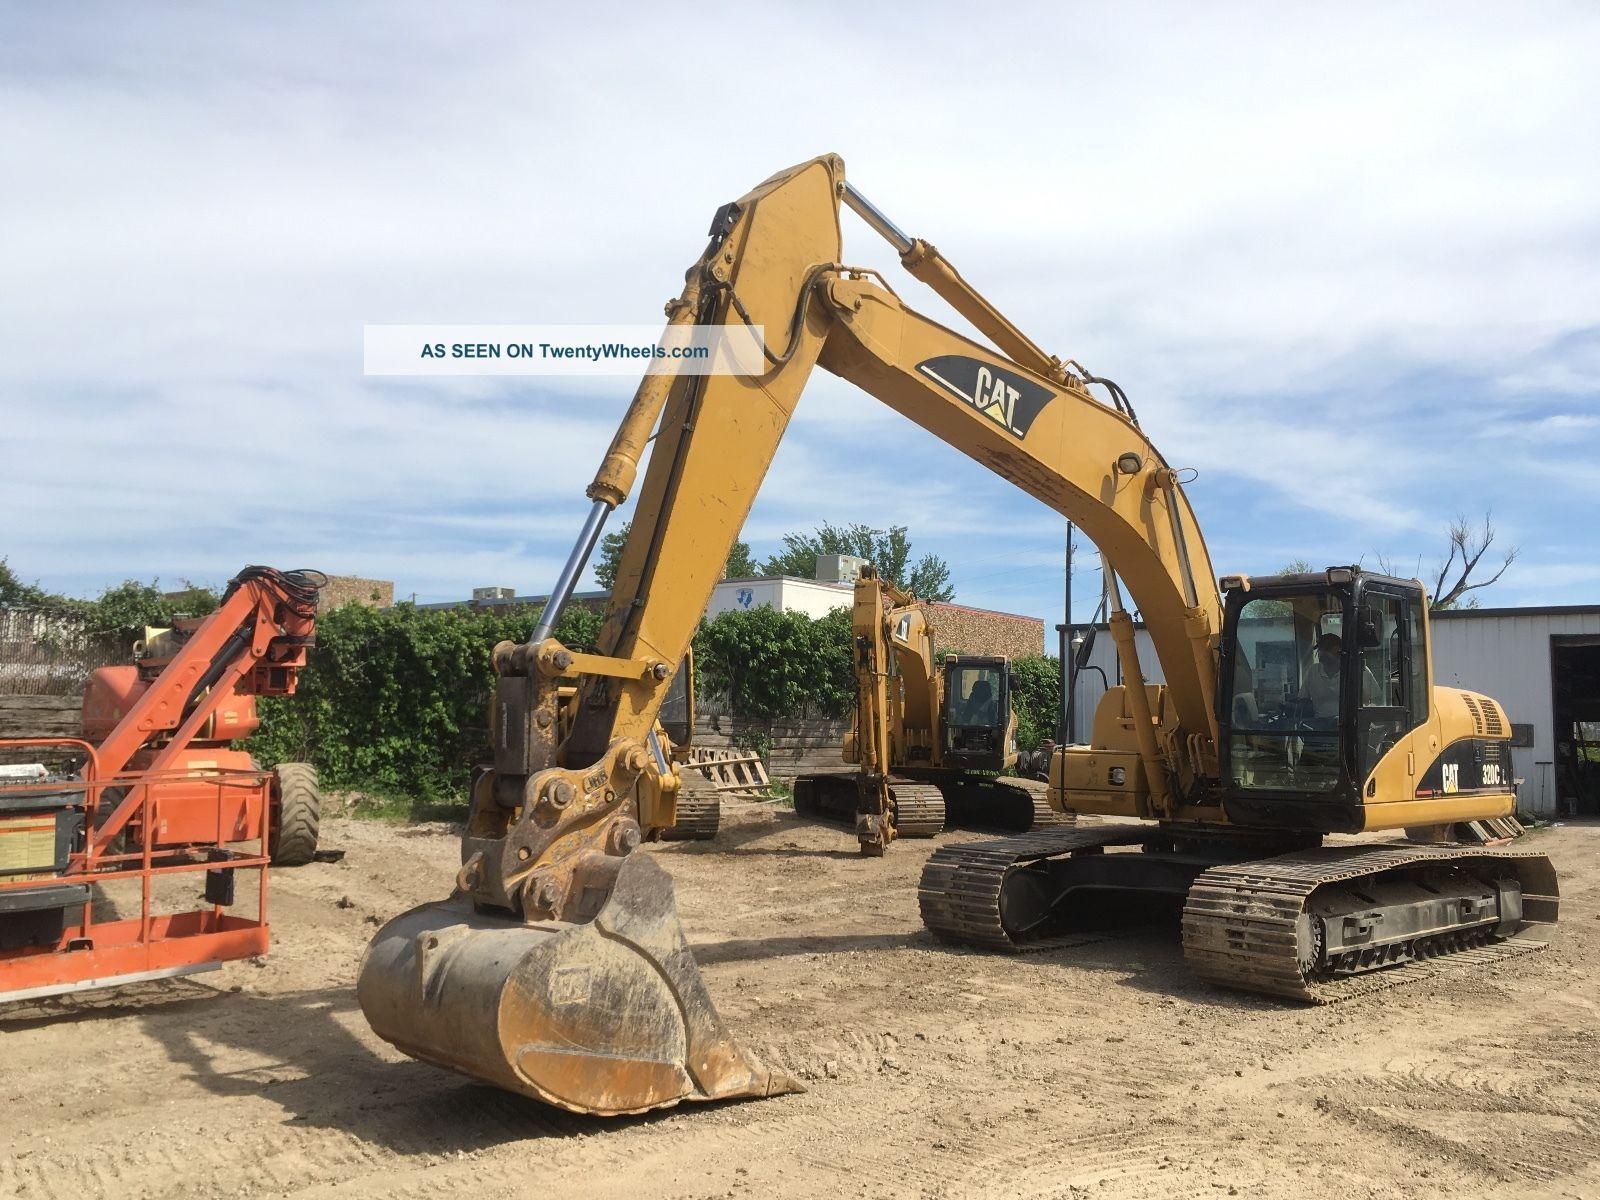 2006 Caterpillar Cat 320cl Excavator; Jrb Q/c; 6574 Hrs Excavators photo